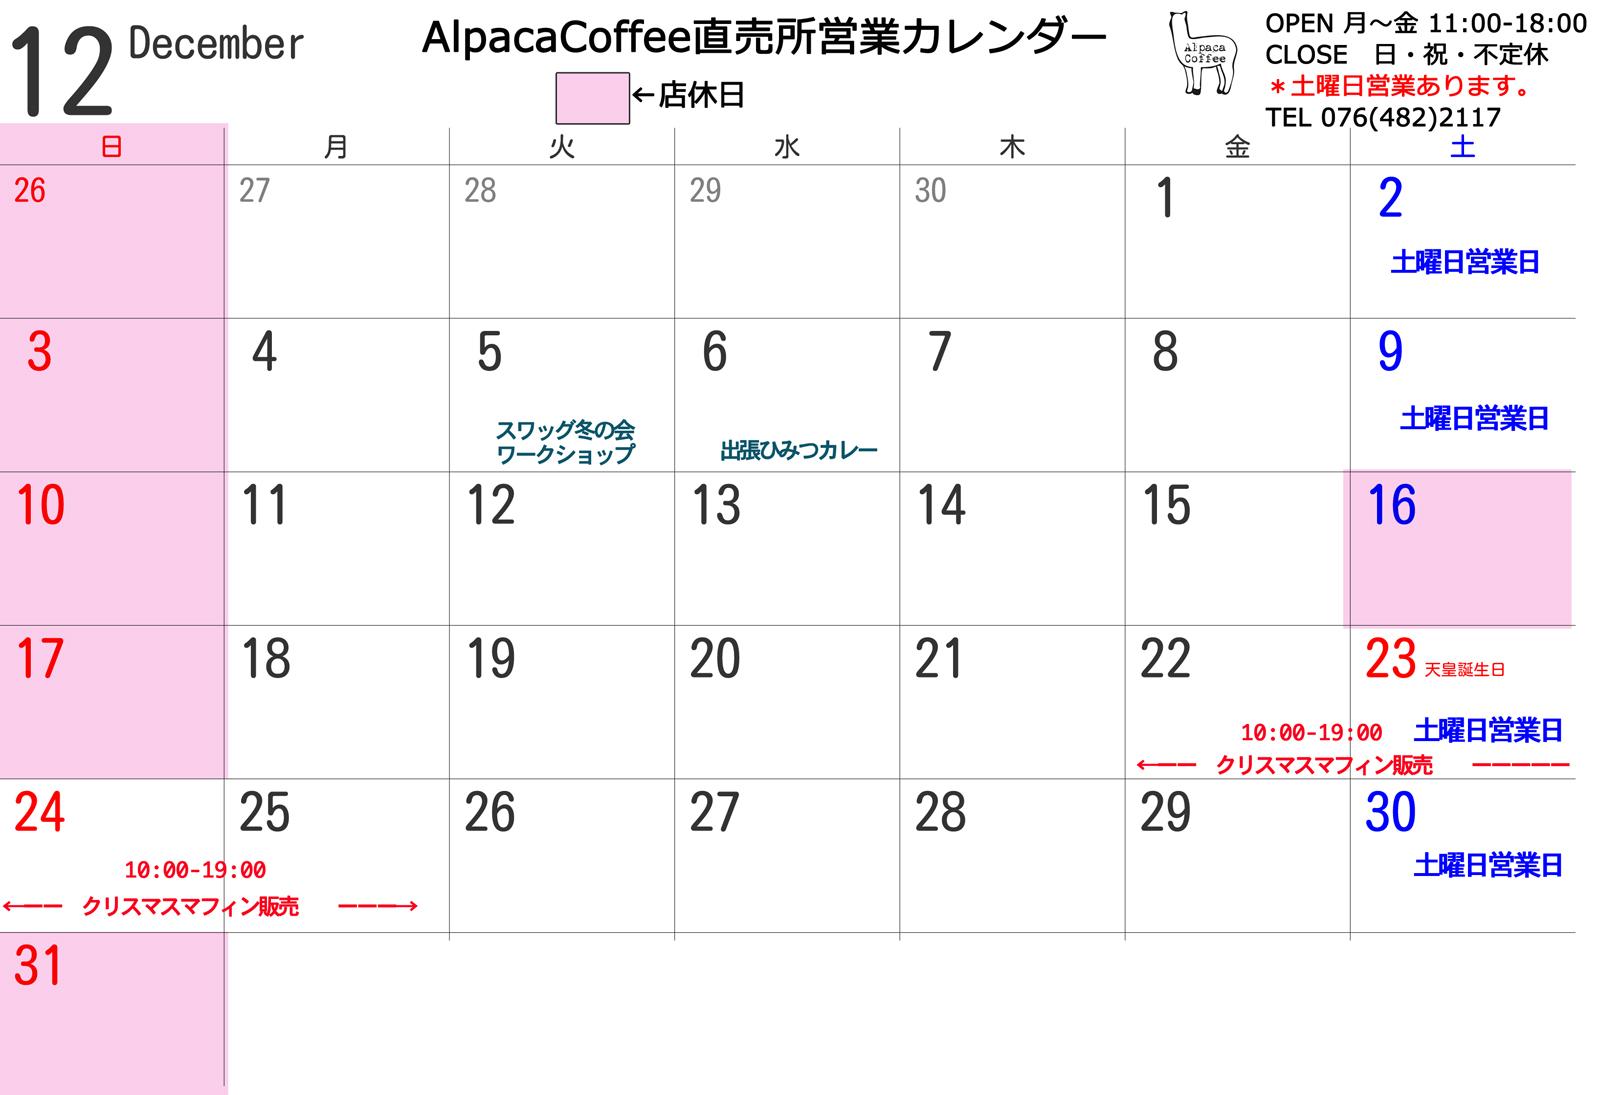 12月直売所営業カレンダー